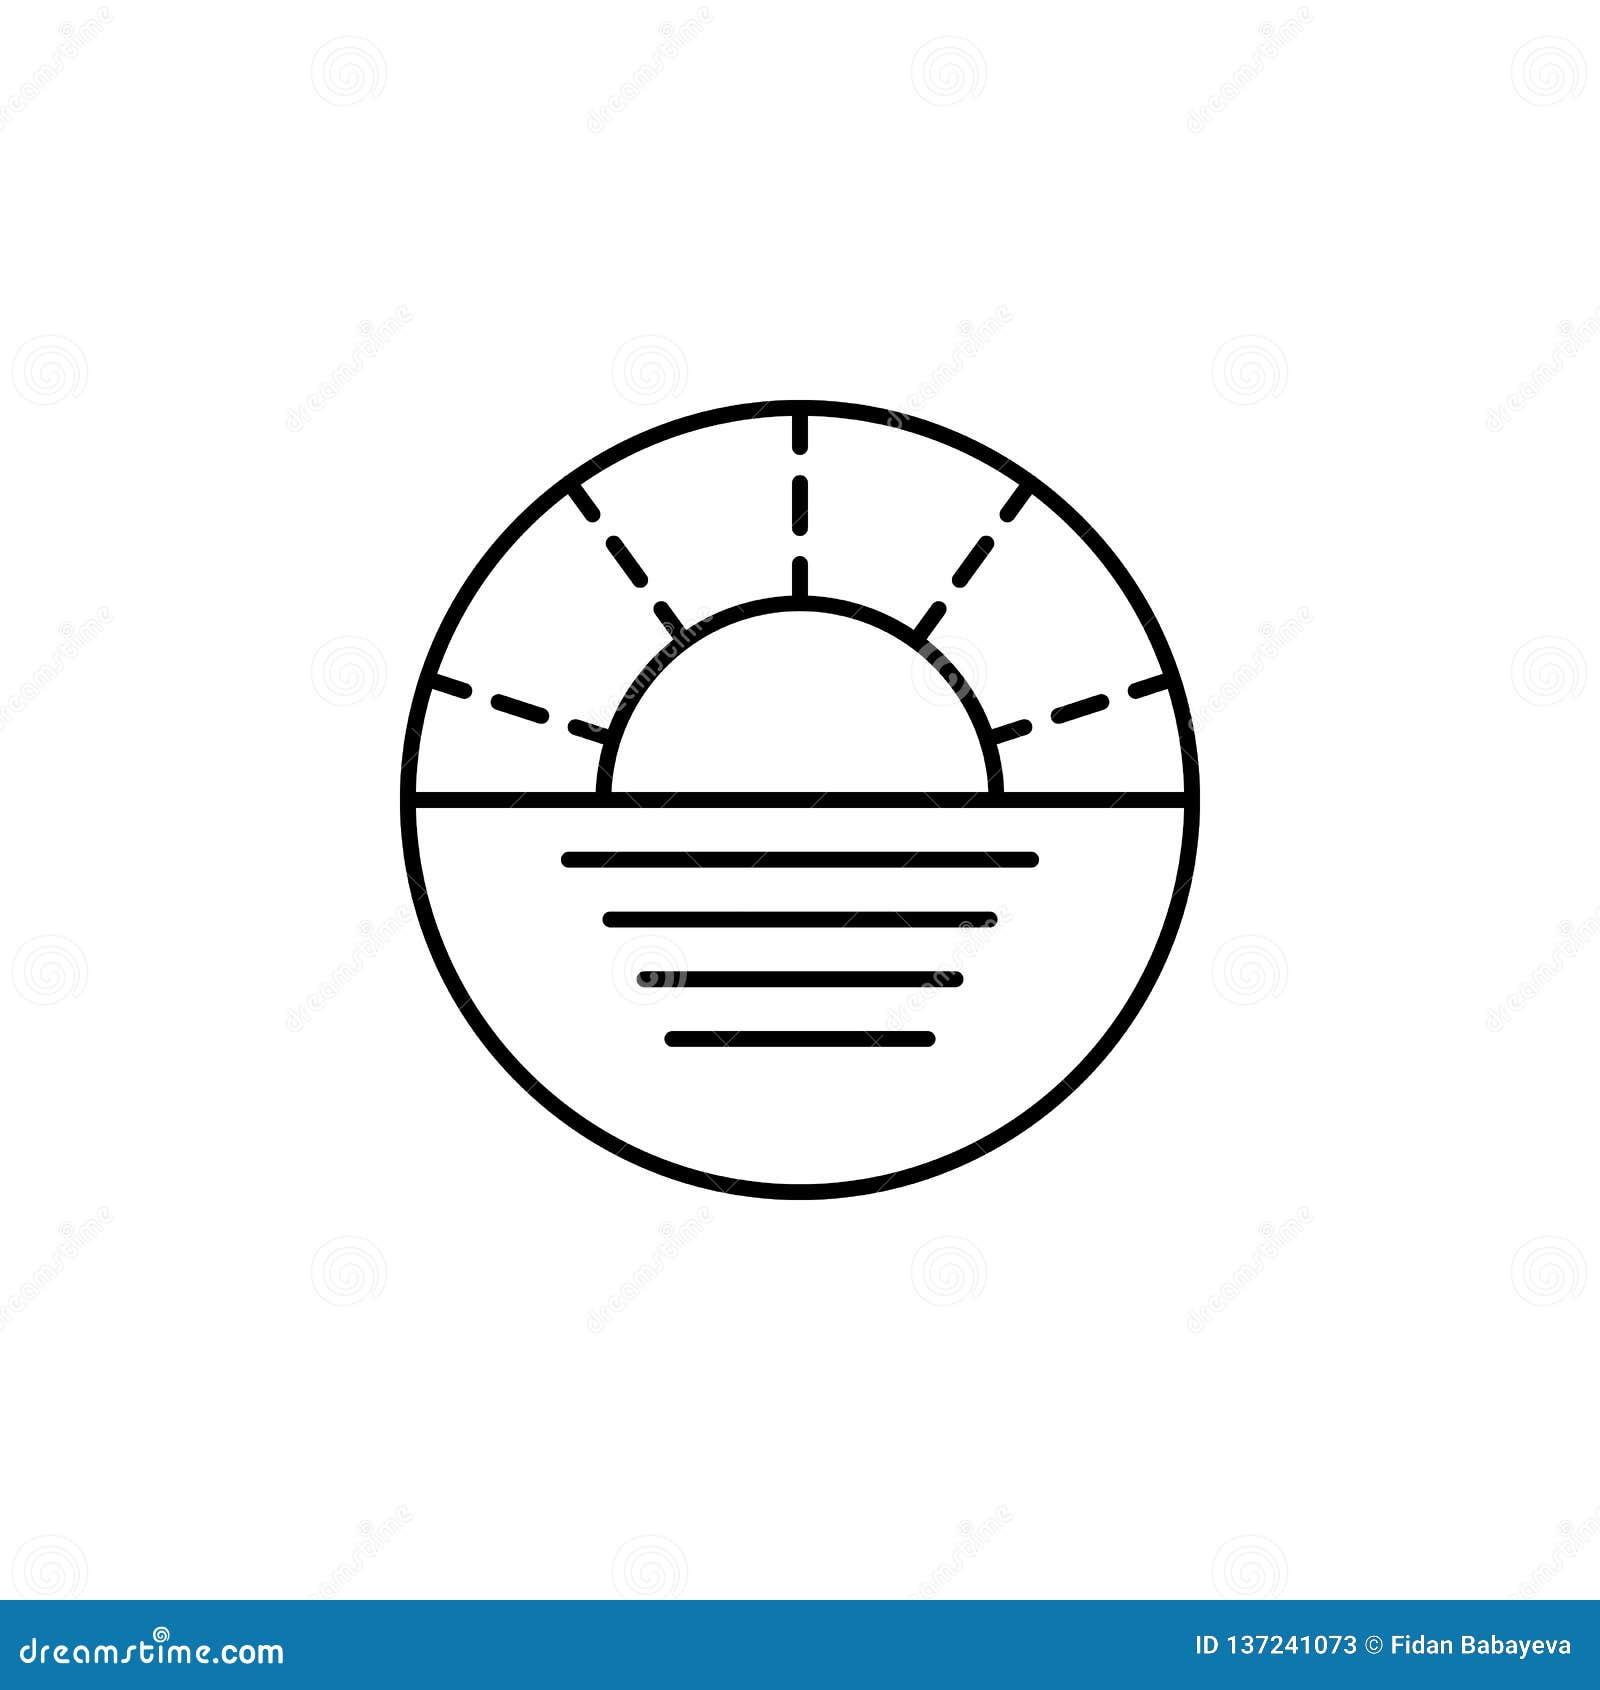 Перемещение, значок плана навигации Элемент иллюстрации перемещения Знаки и значок символов можно использовать для сети, логотипа